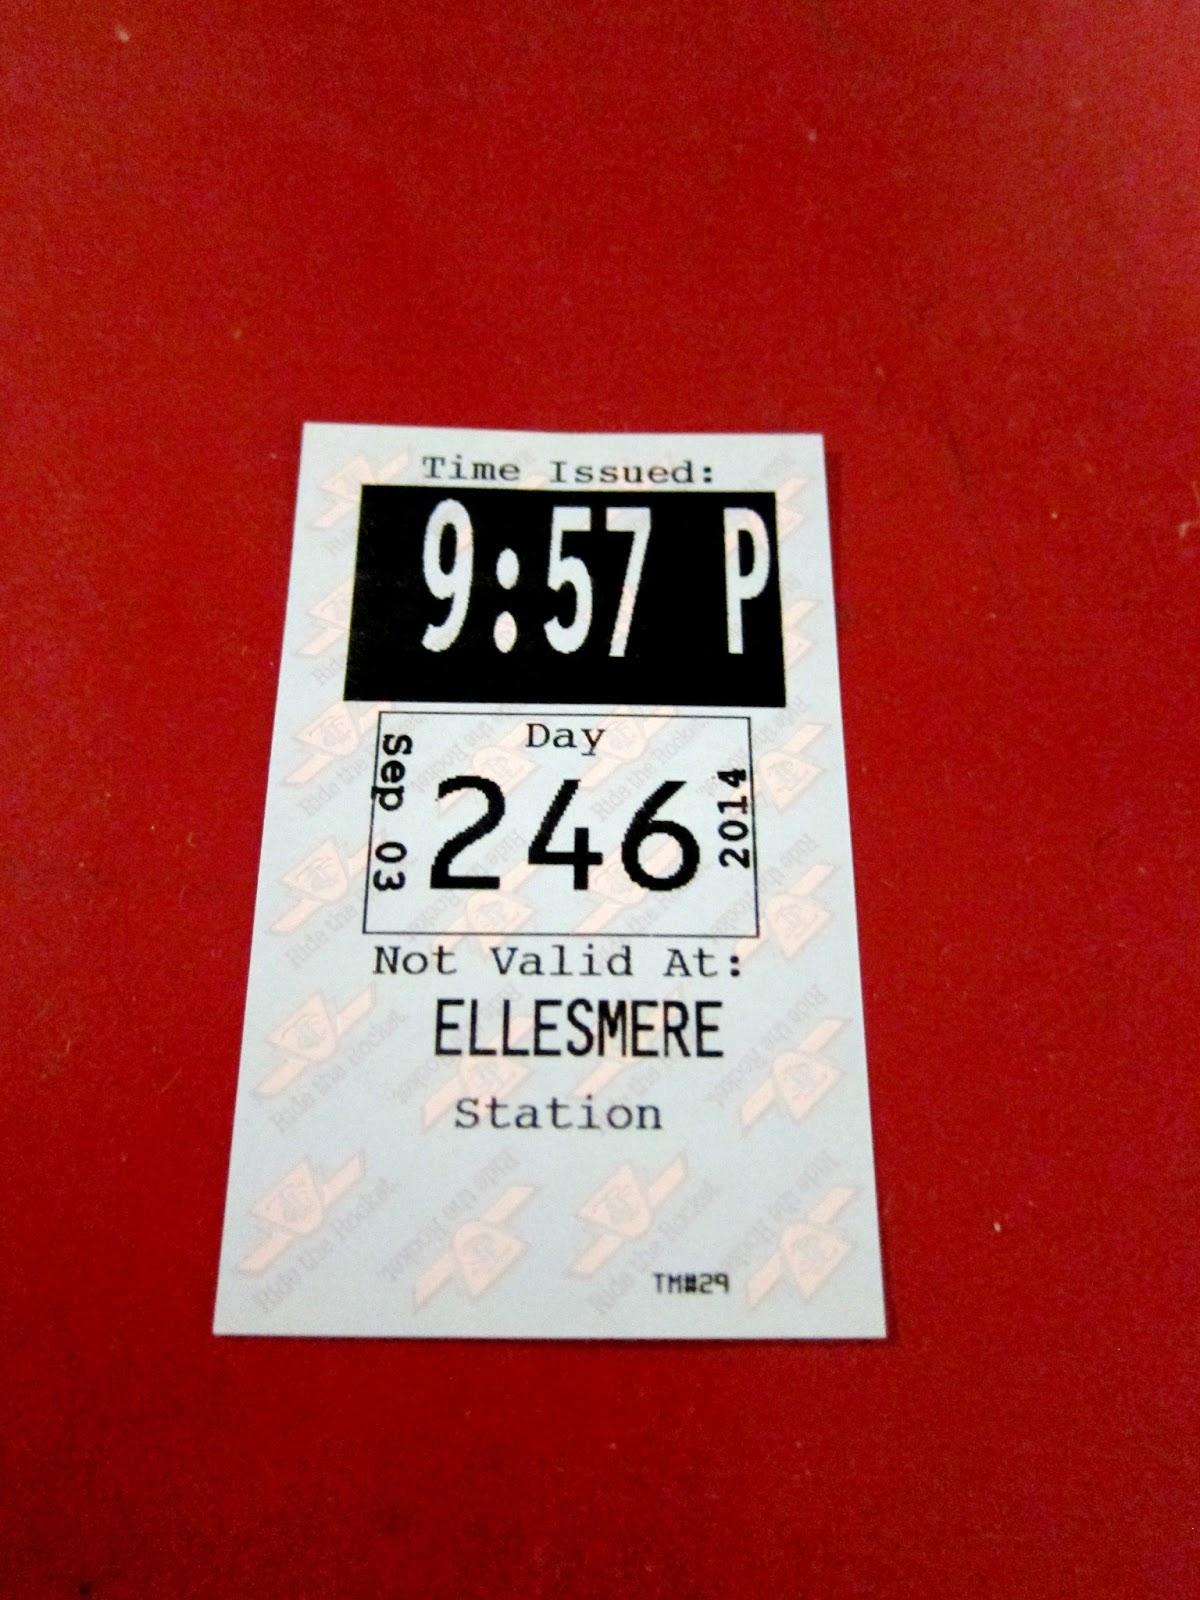 Ellesmere station transfer